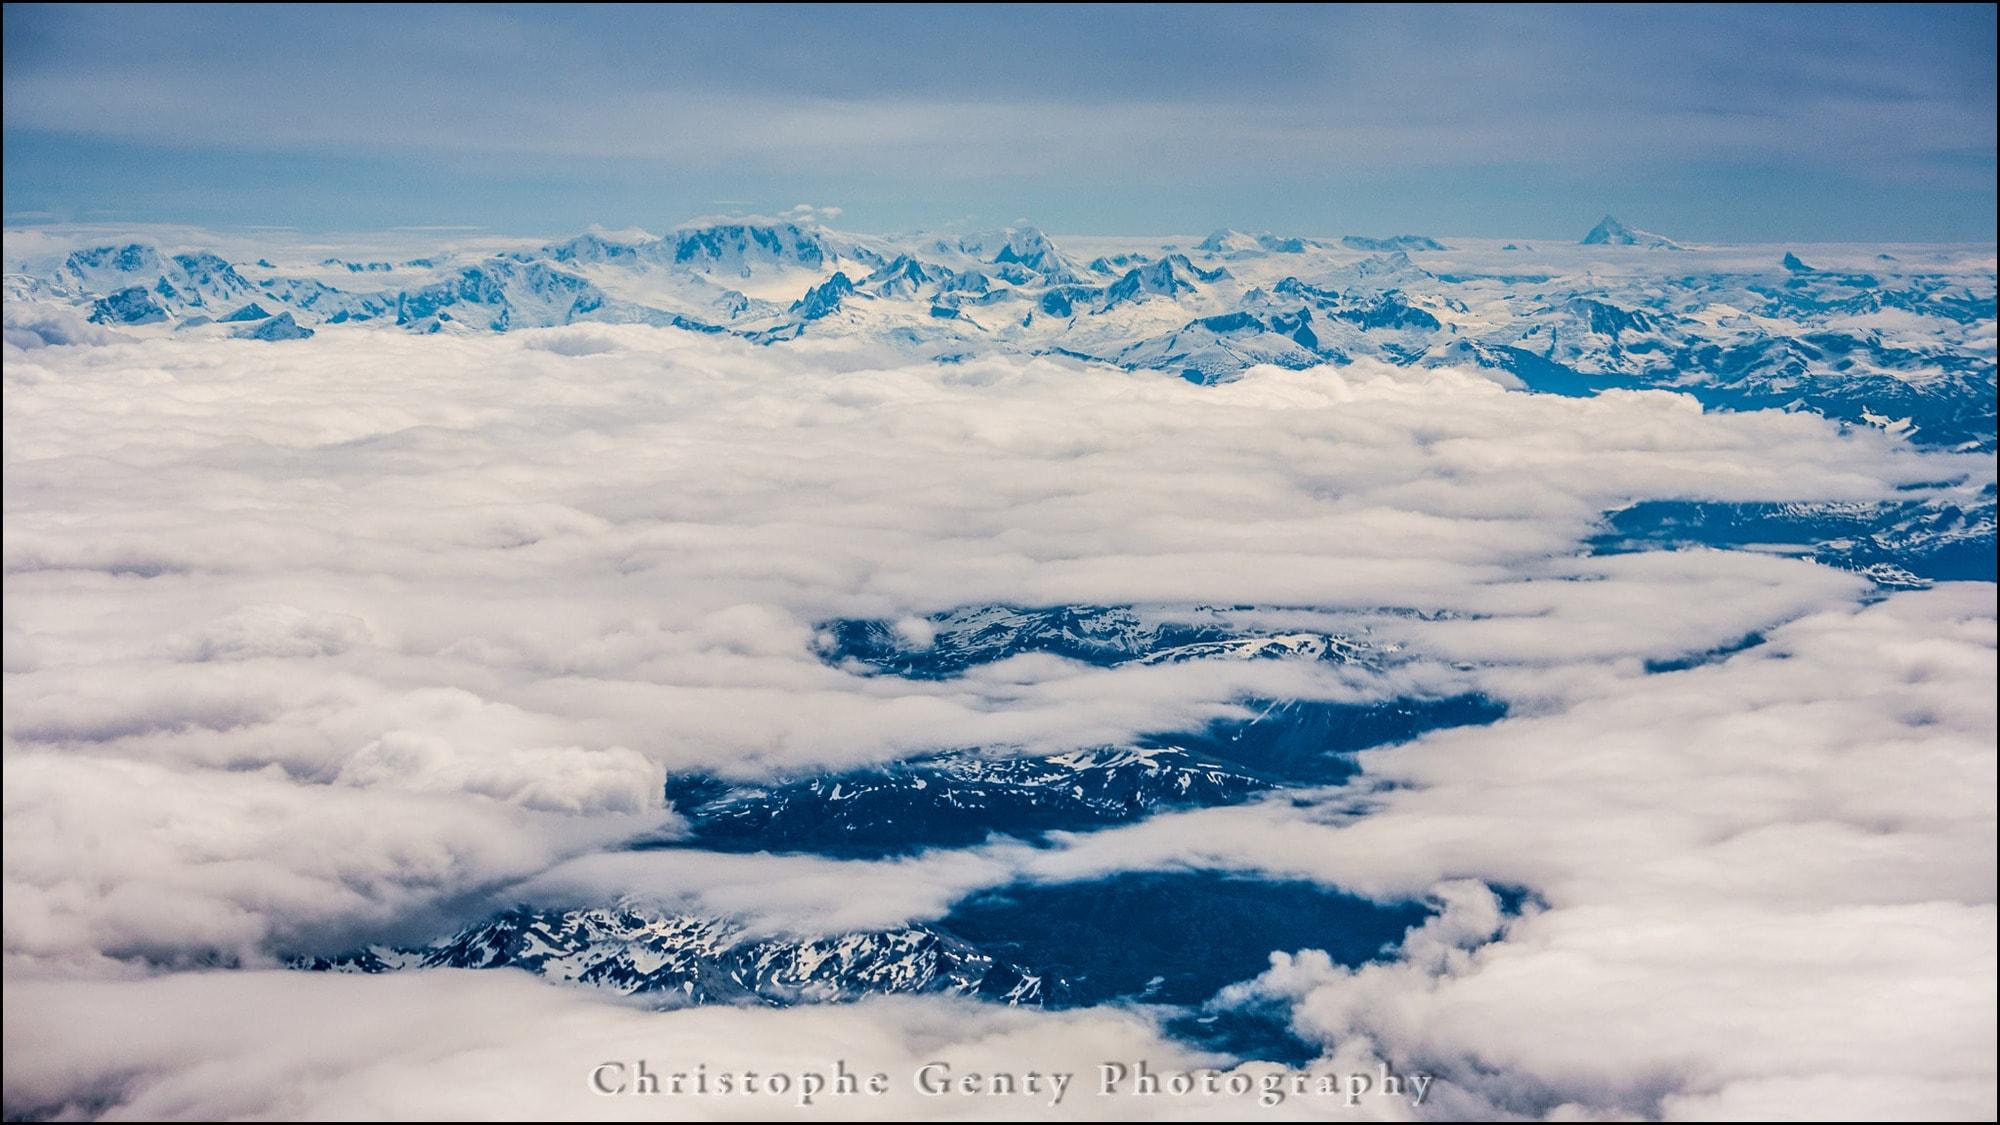 Tierra del Fuego from the sky, Argentina - December 2015